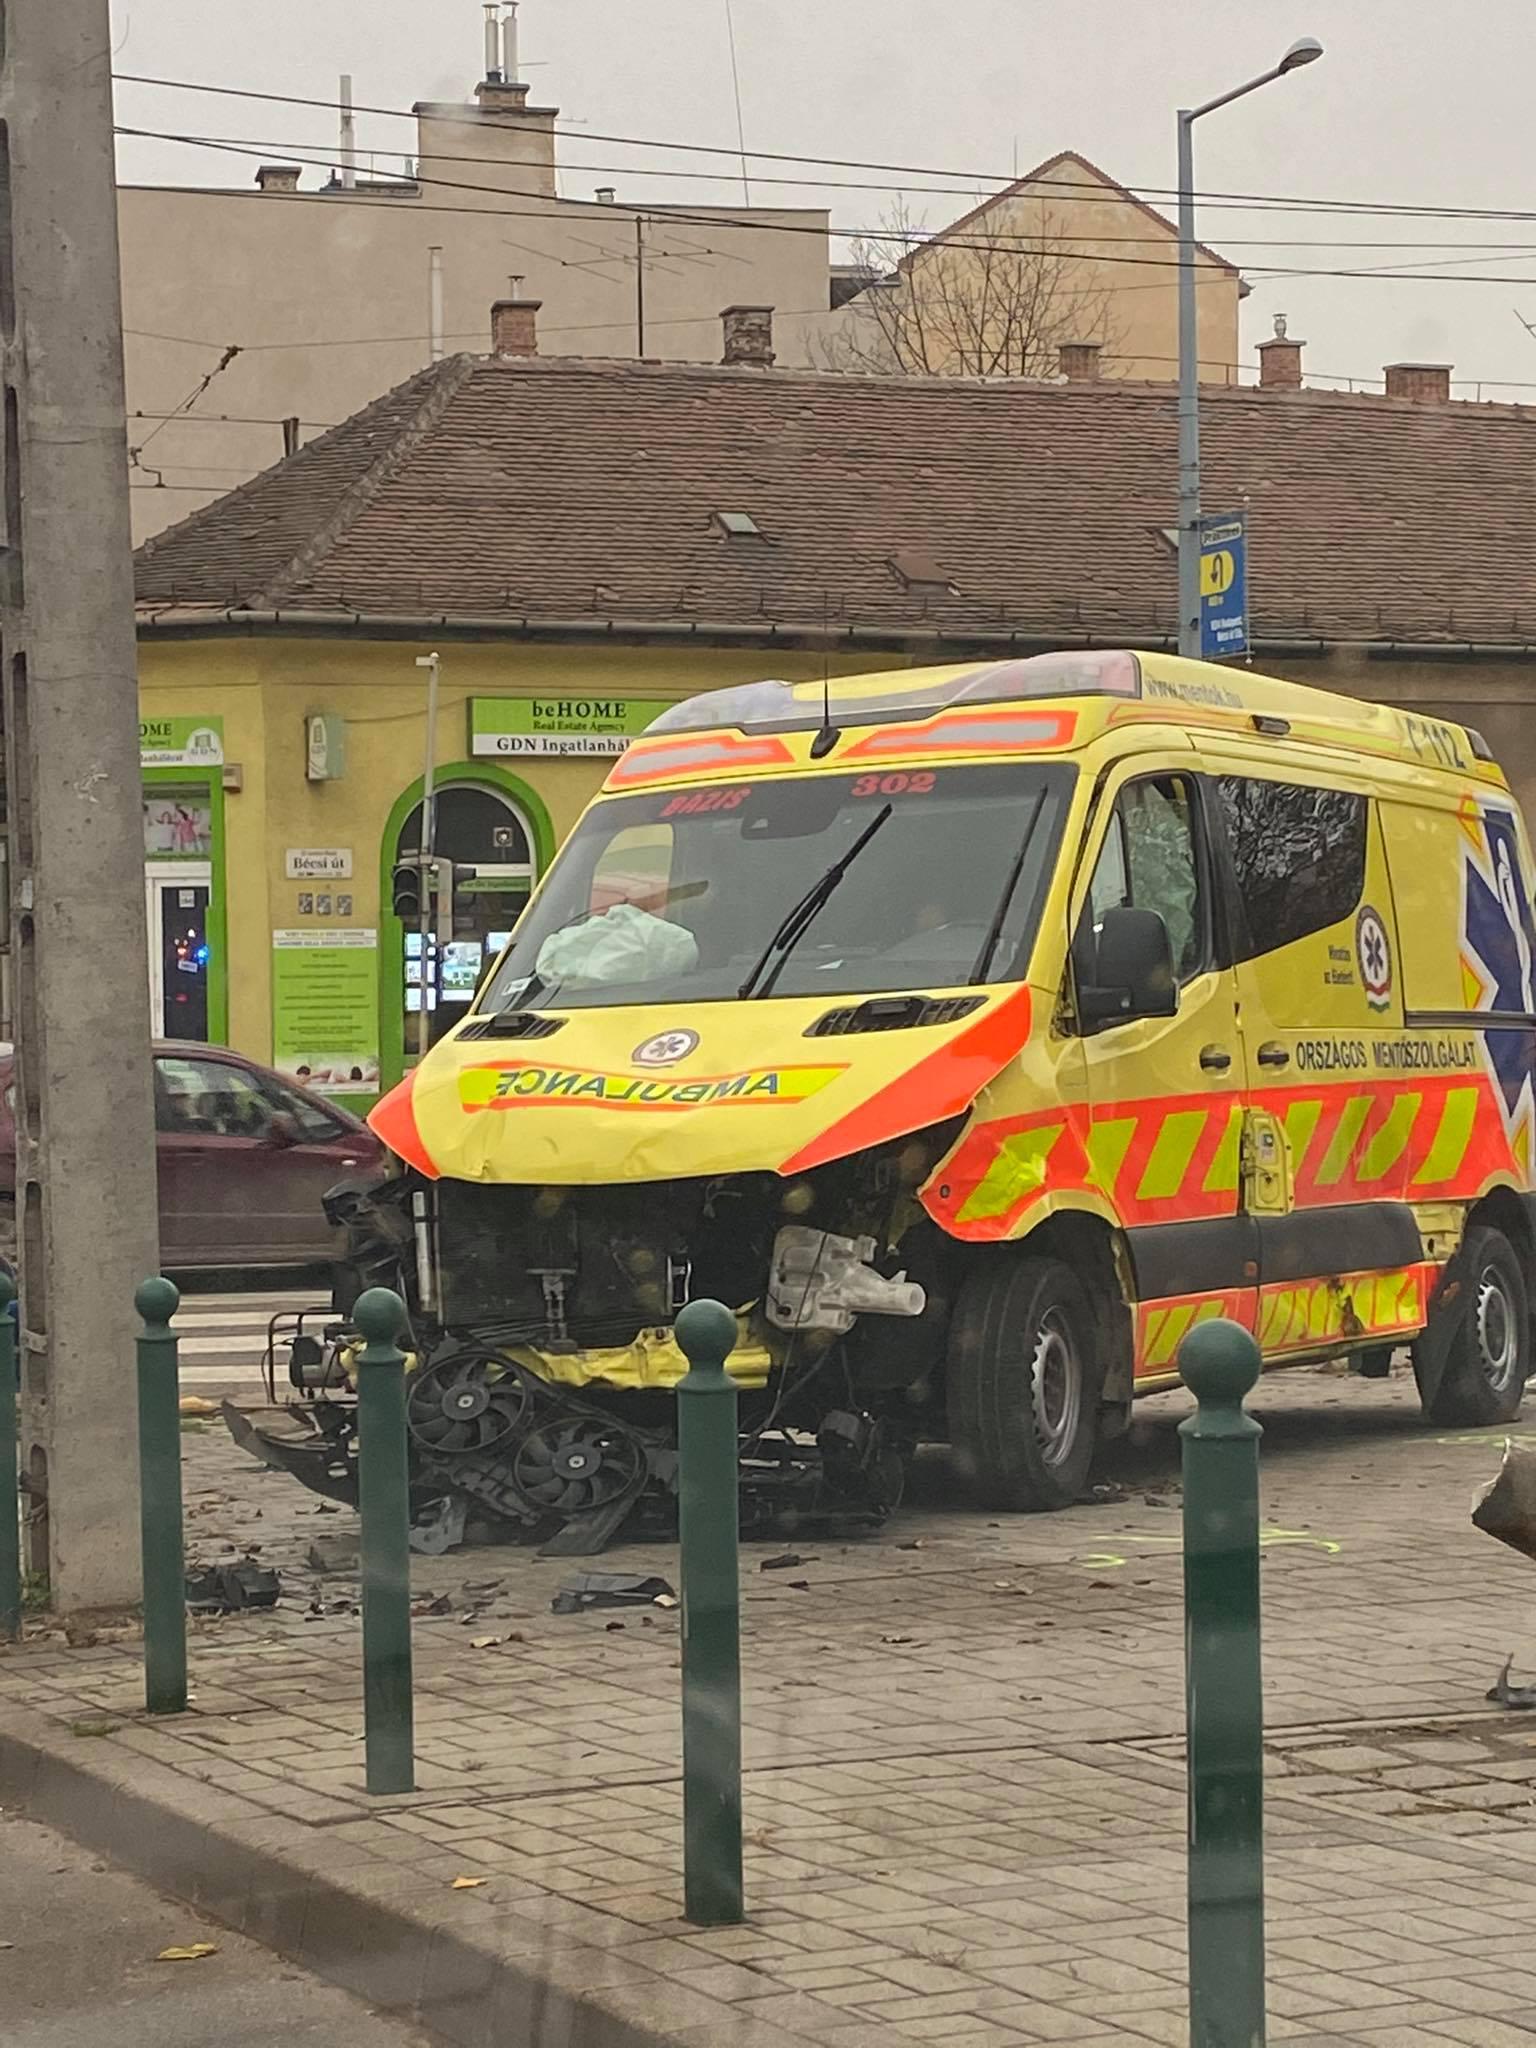 Karambolózó mentő ütötte el a járdán a gyalogost Óbudán